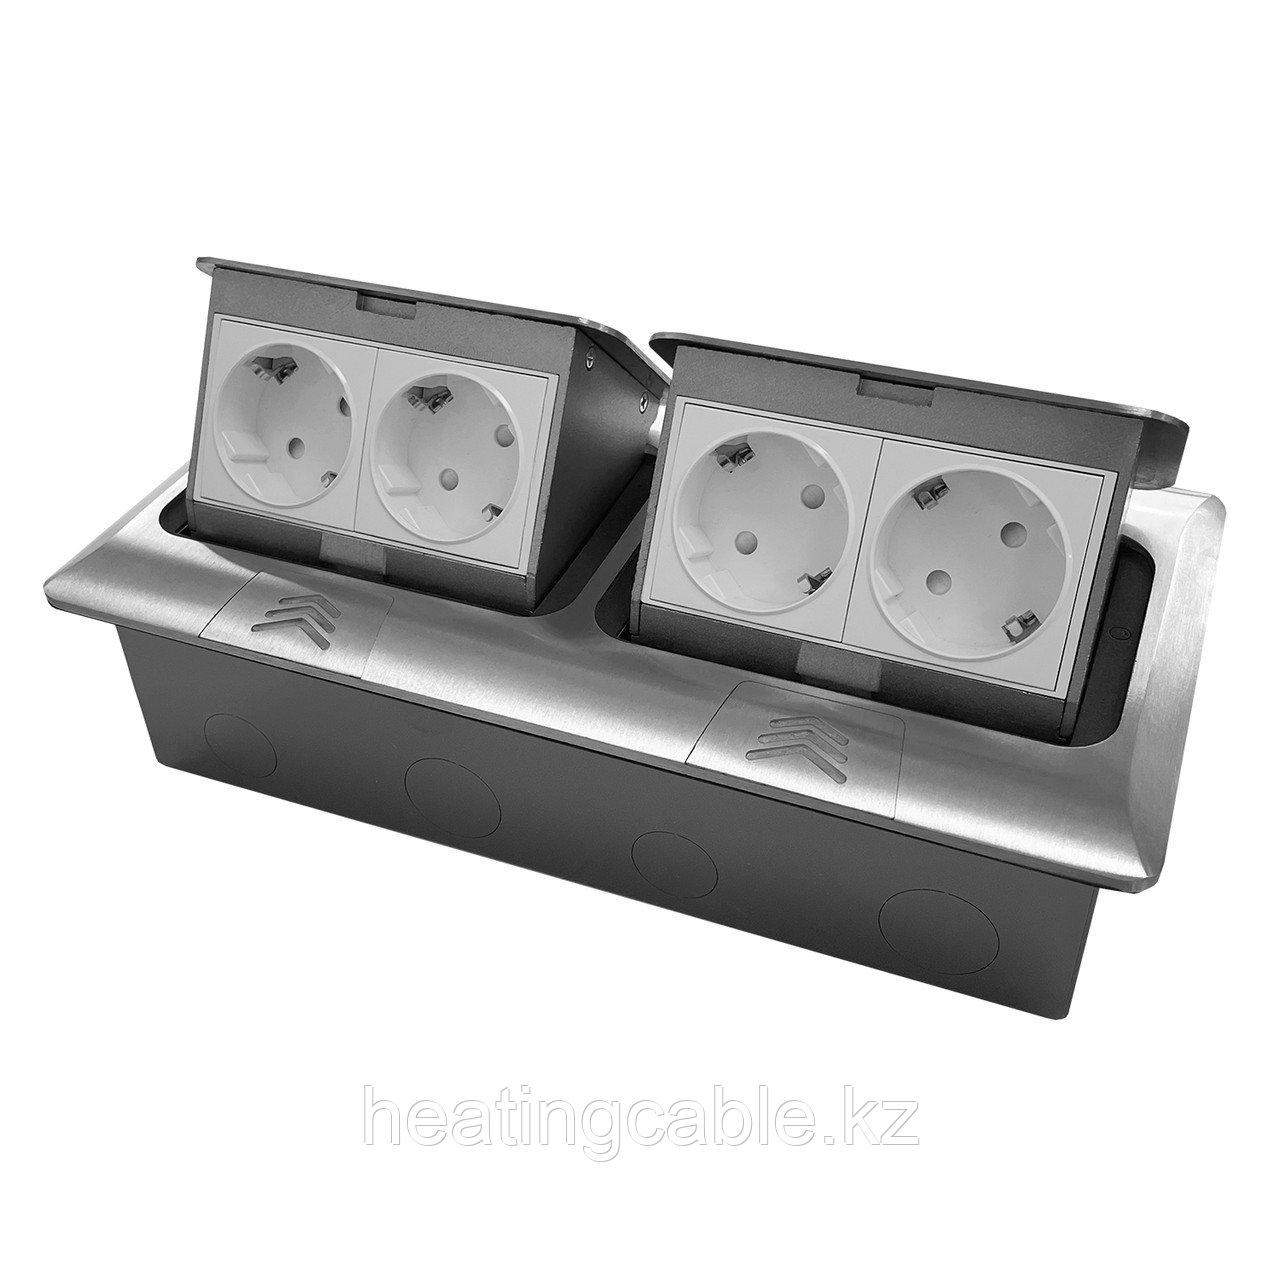 Напольный/настольный лючок на 2х4 модуля, металл, матовый хром